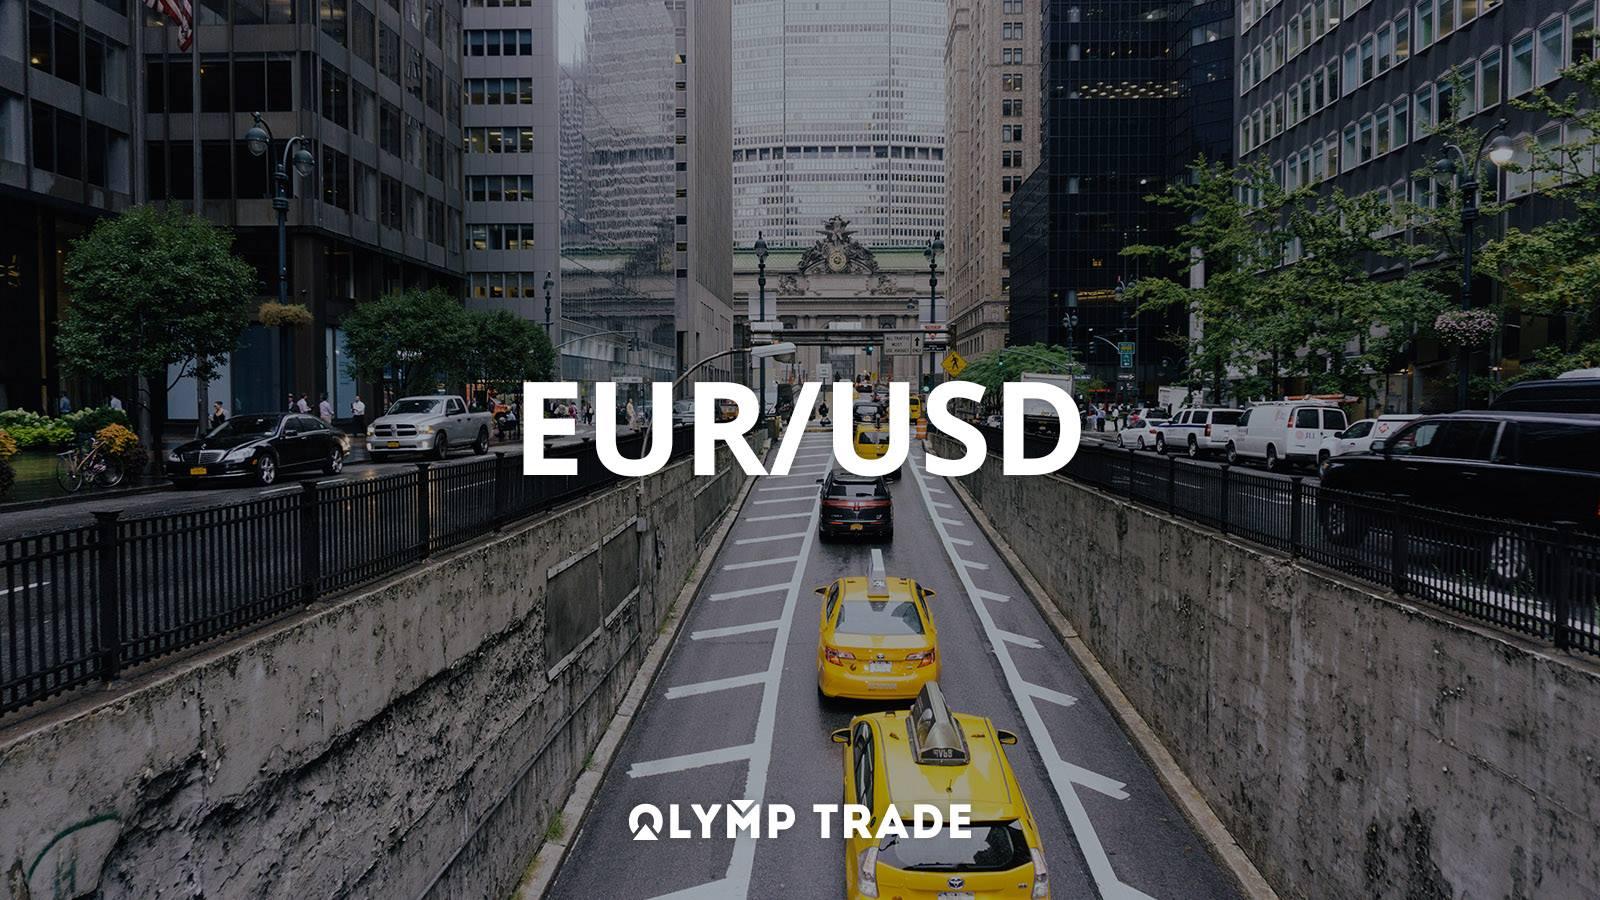 cặp tiền duy nhất EUR/USD cho tài khoản VIP tại Olymp Trade